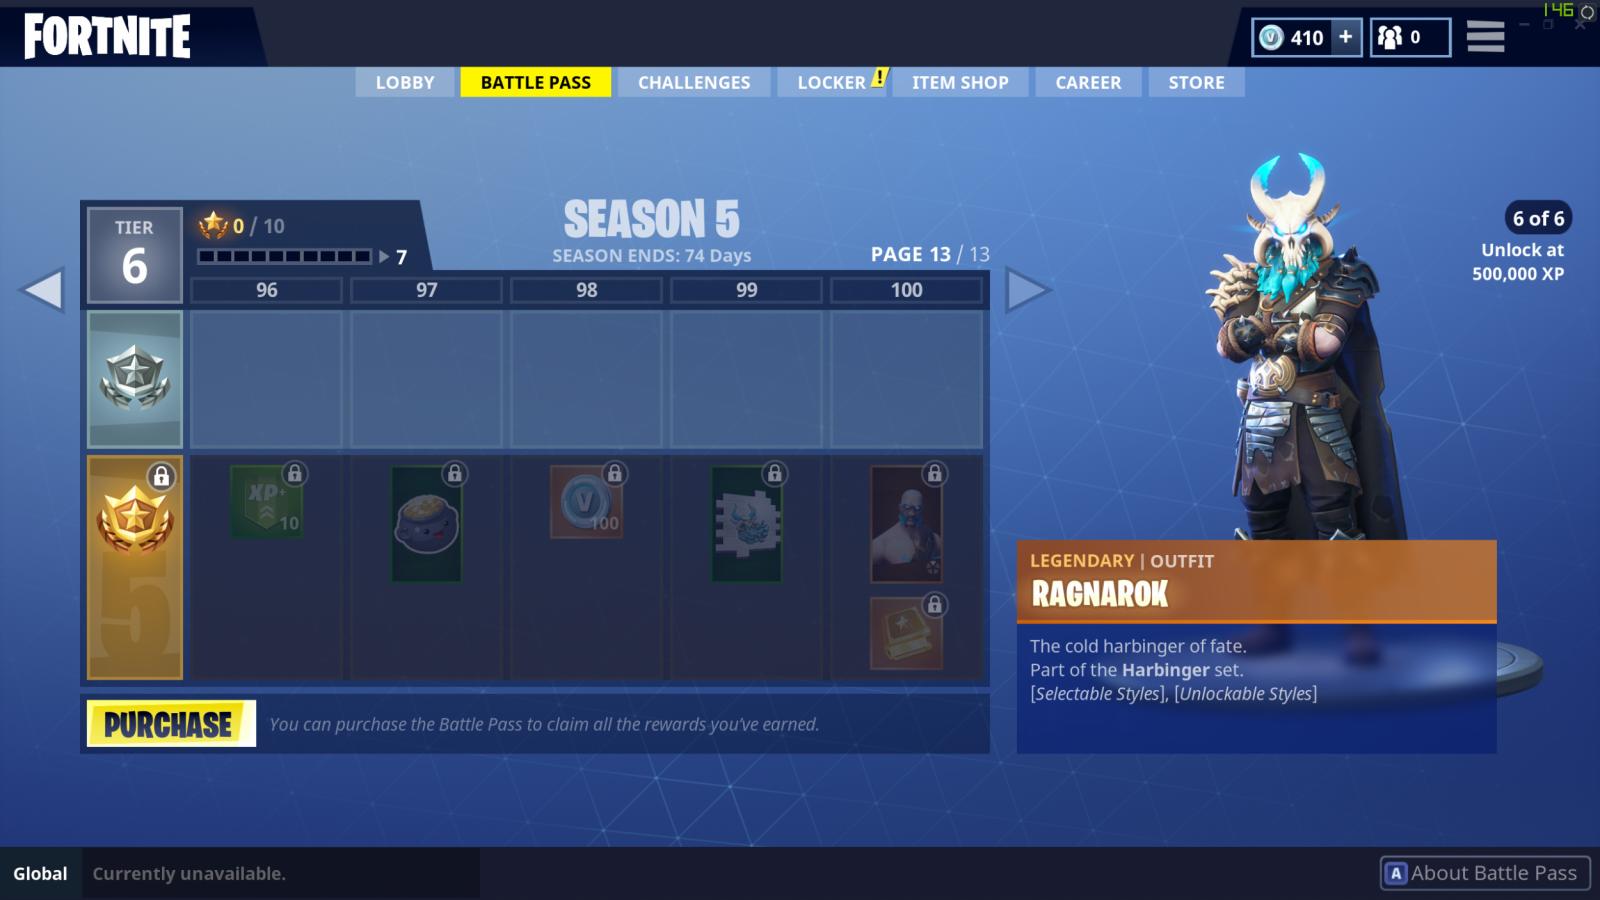 New Season 5 Tier 100 Skin Unlocked Fortnite Battle Royale